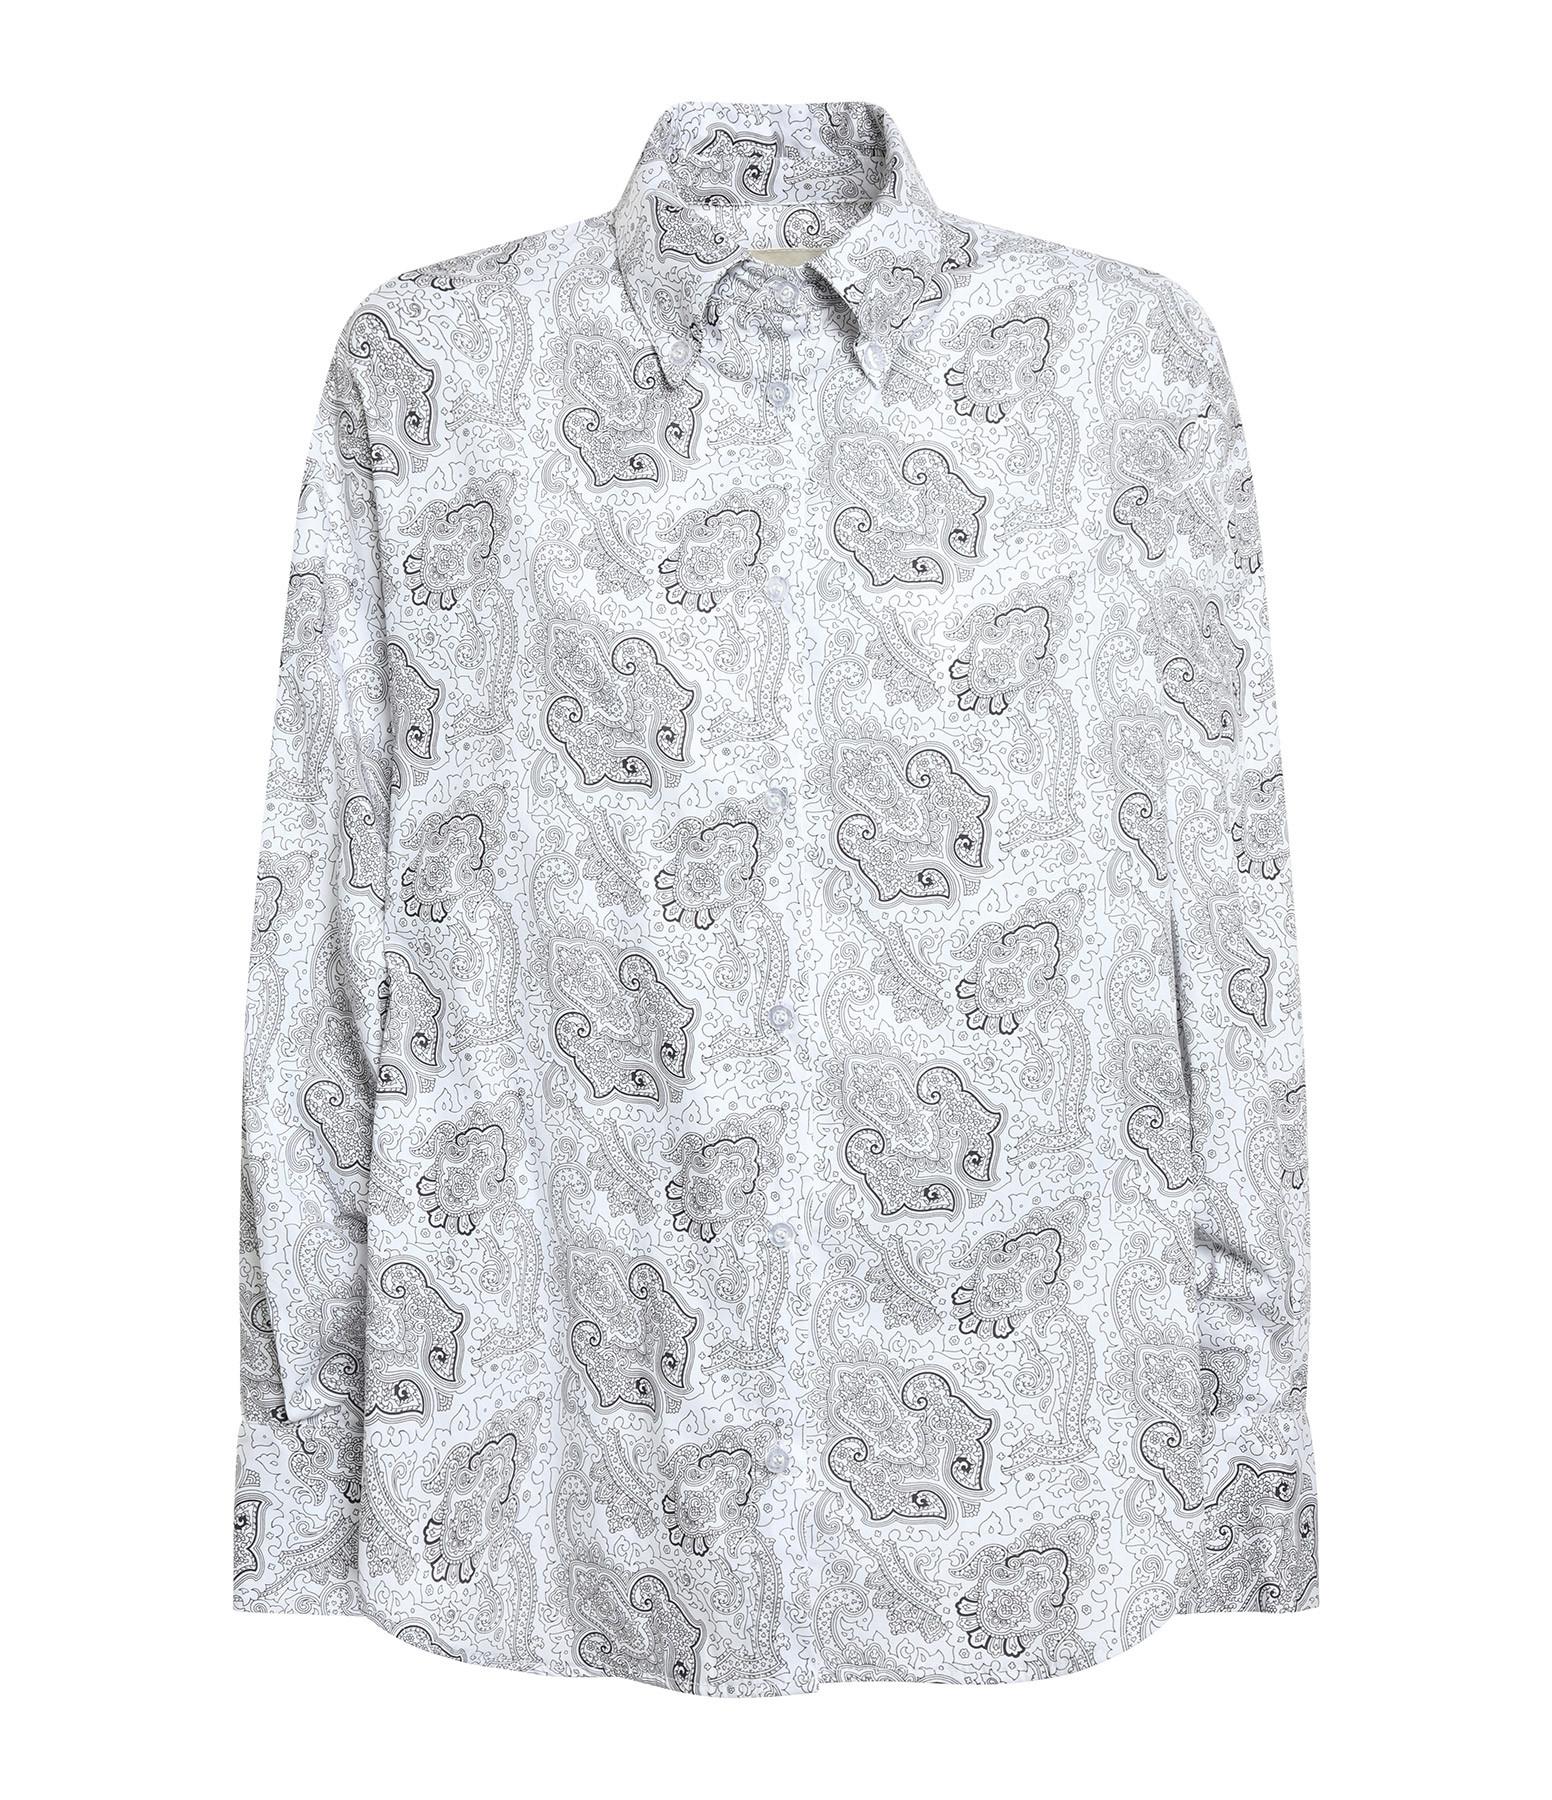 MAISON HAUSSMANN - Chemise Coton Imprimé Bandana Blanc